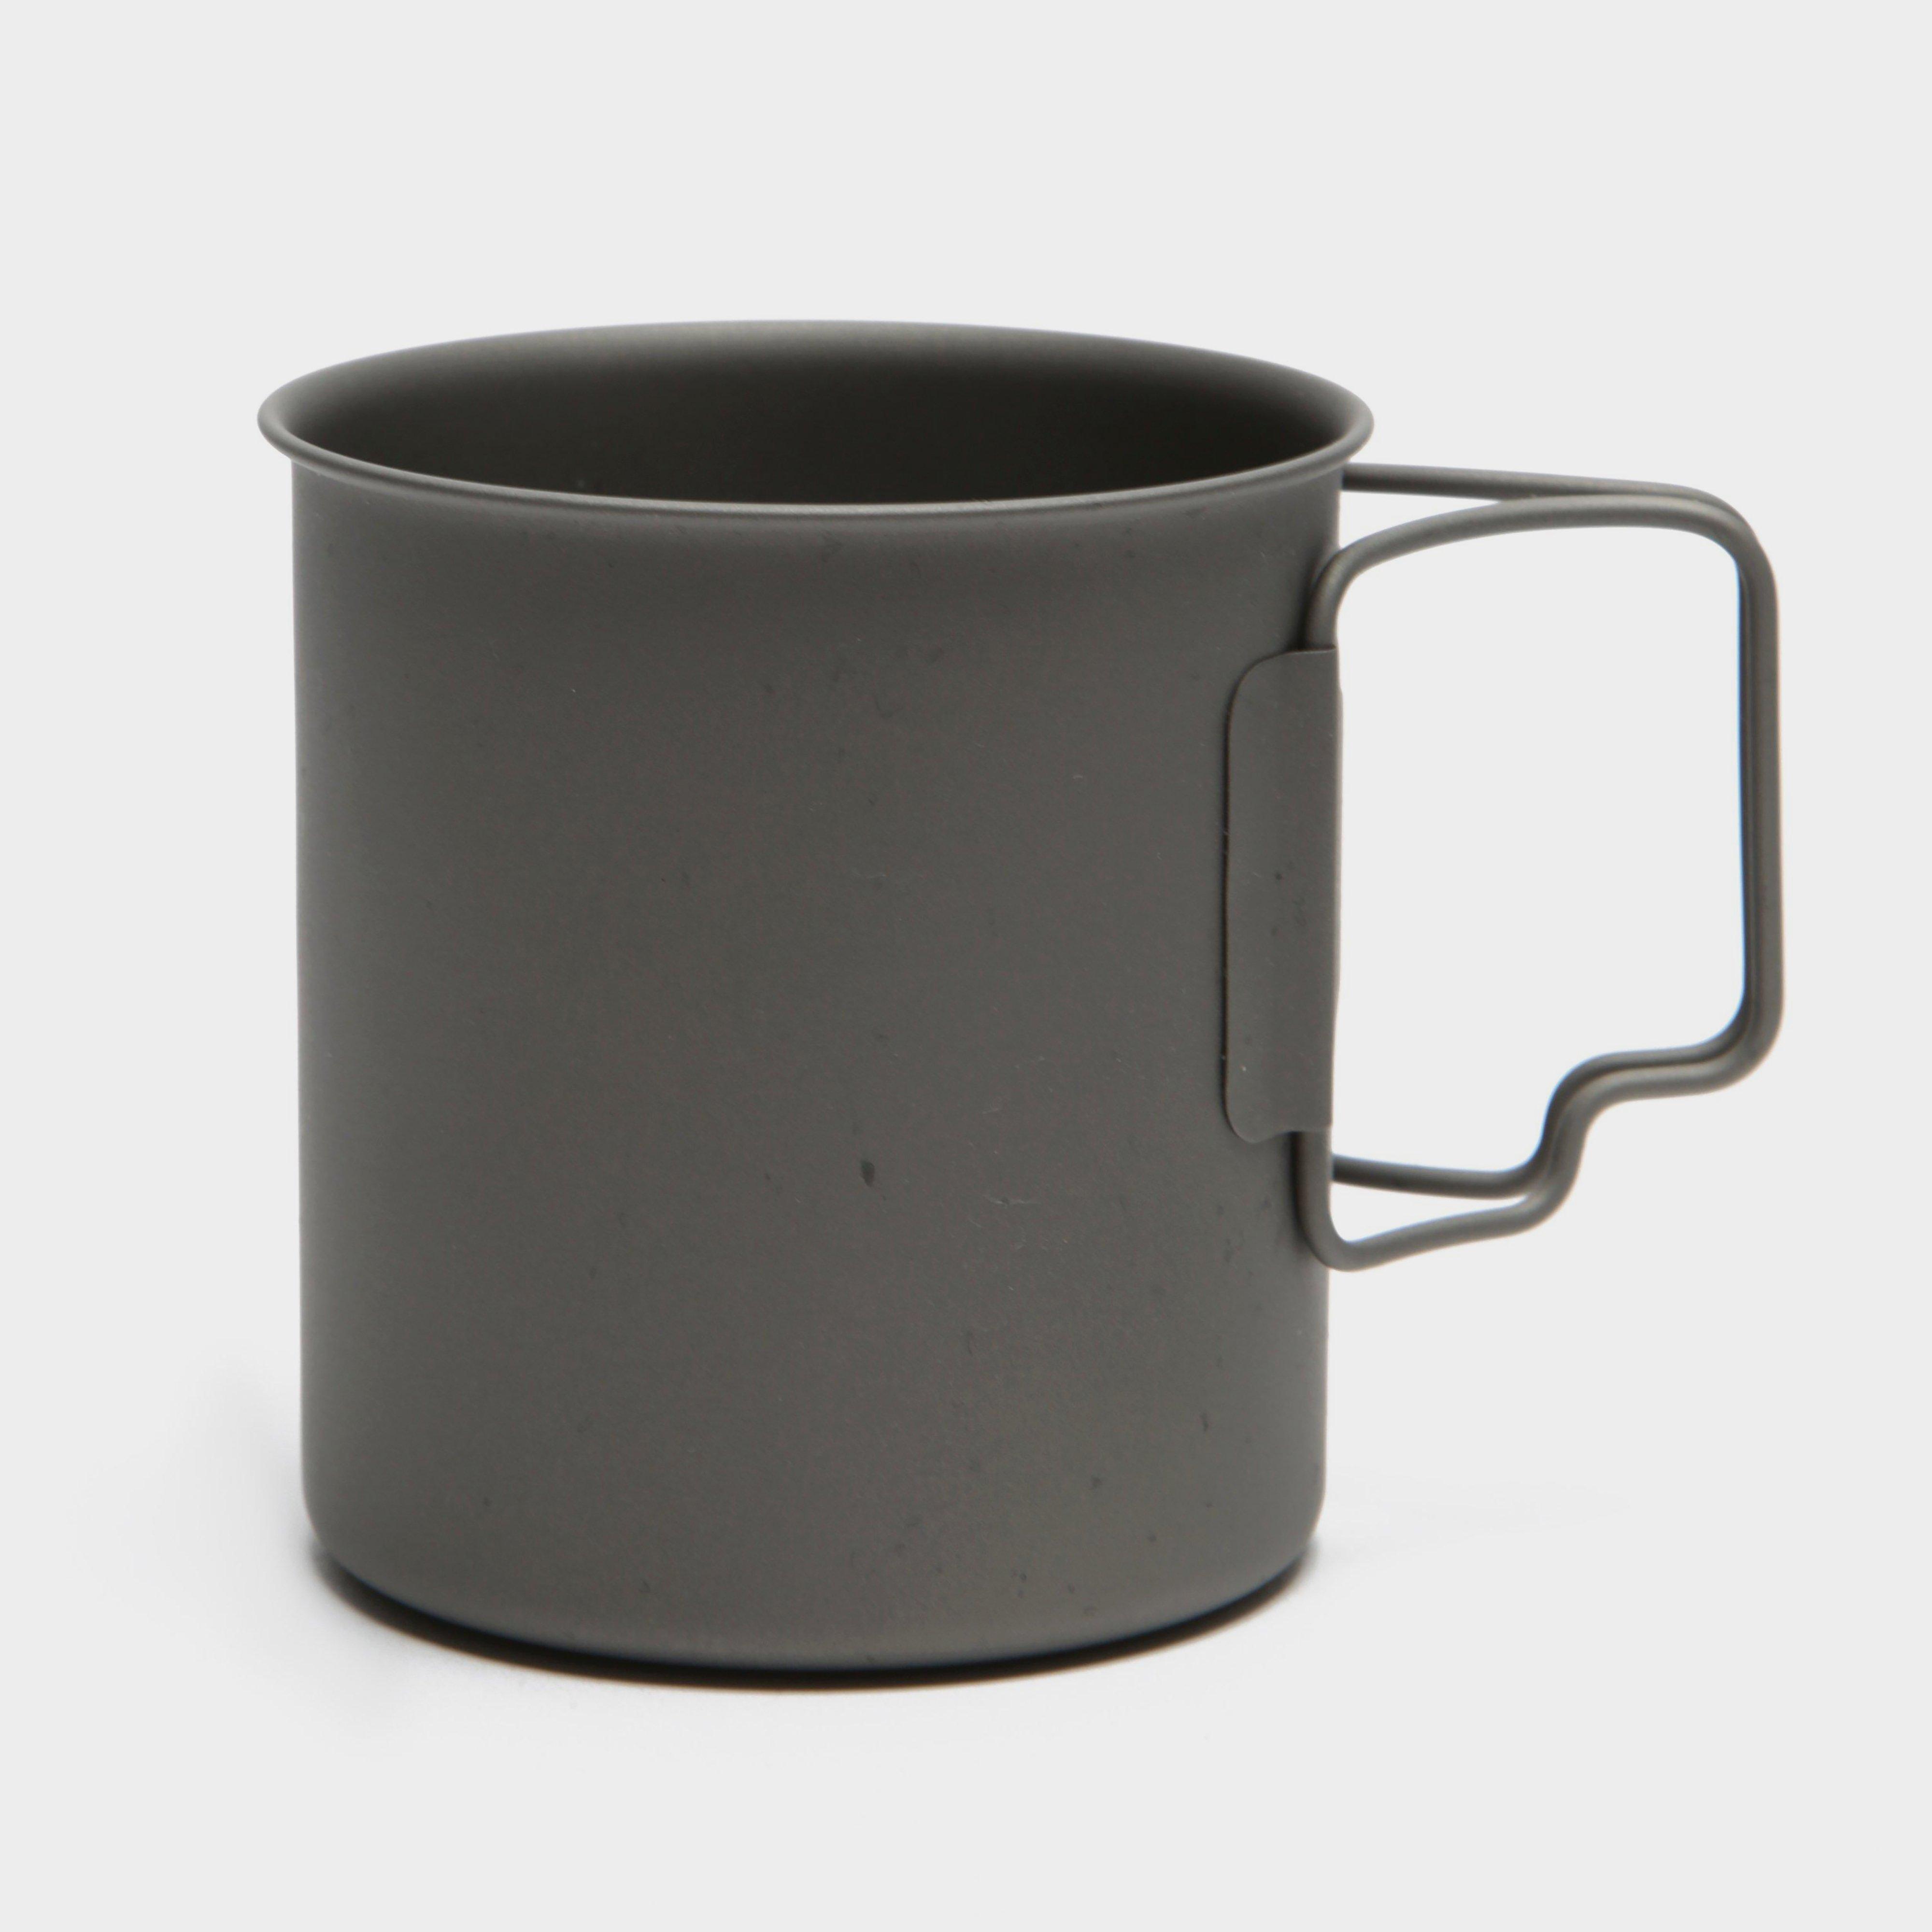 LIFEVENTURE Titanium Mug, Black